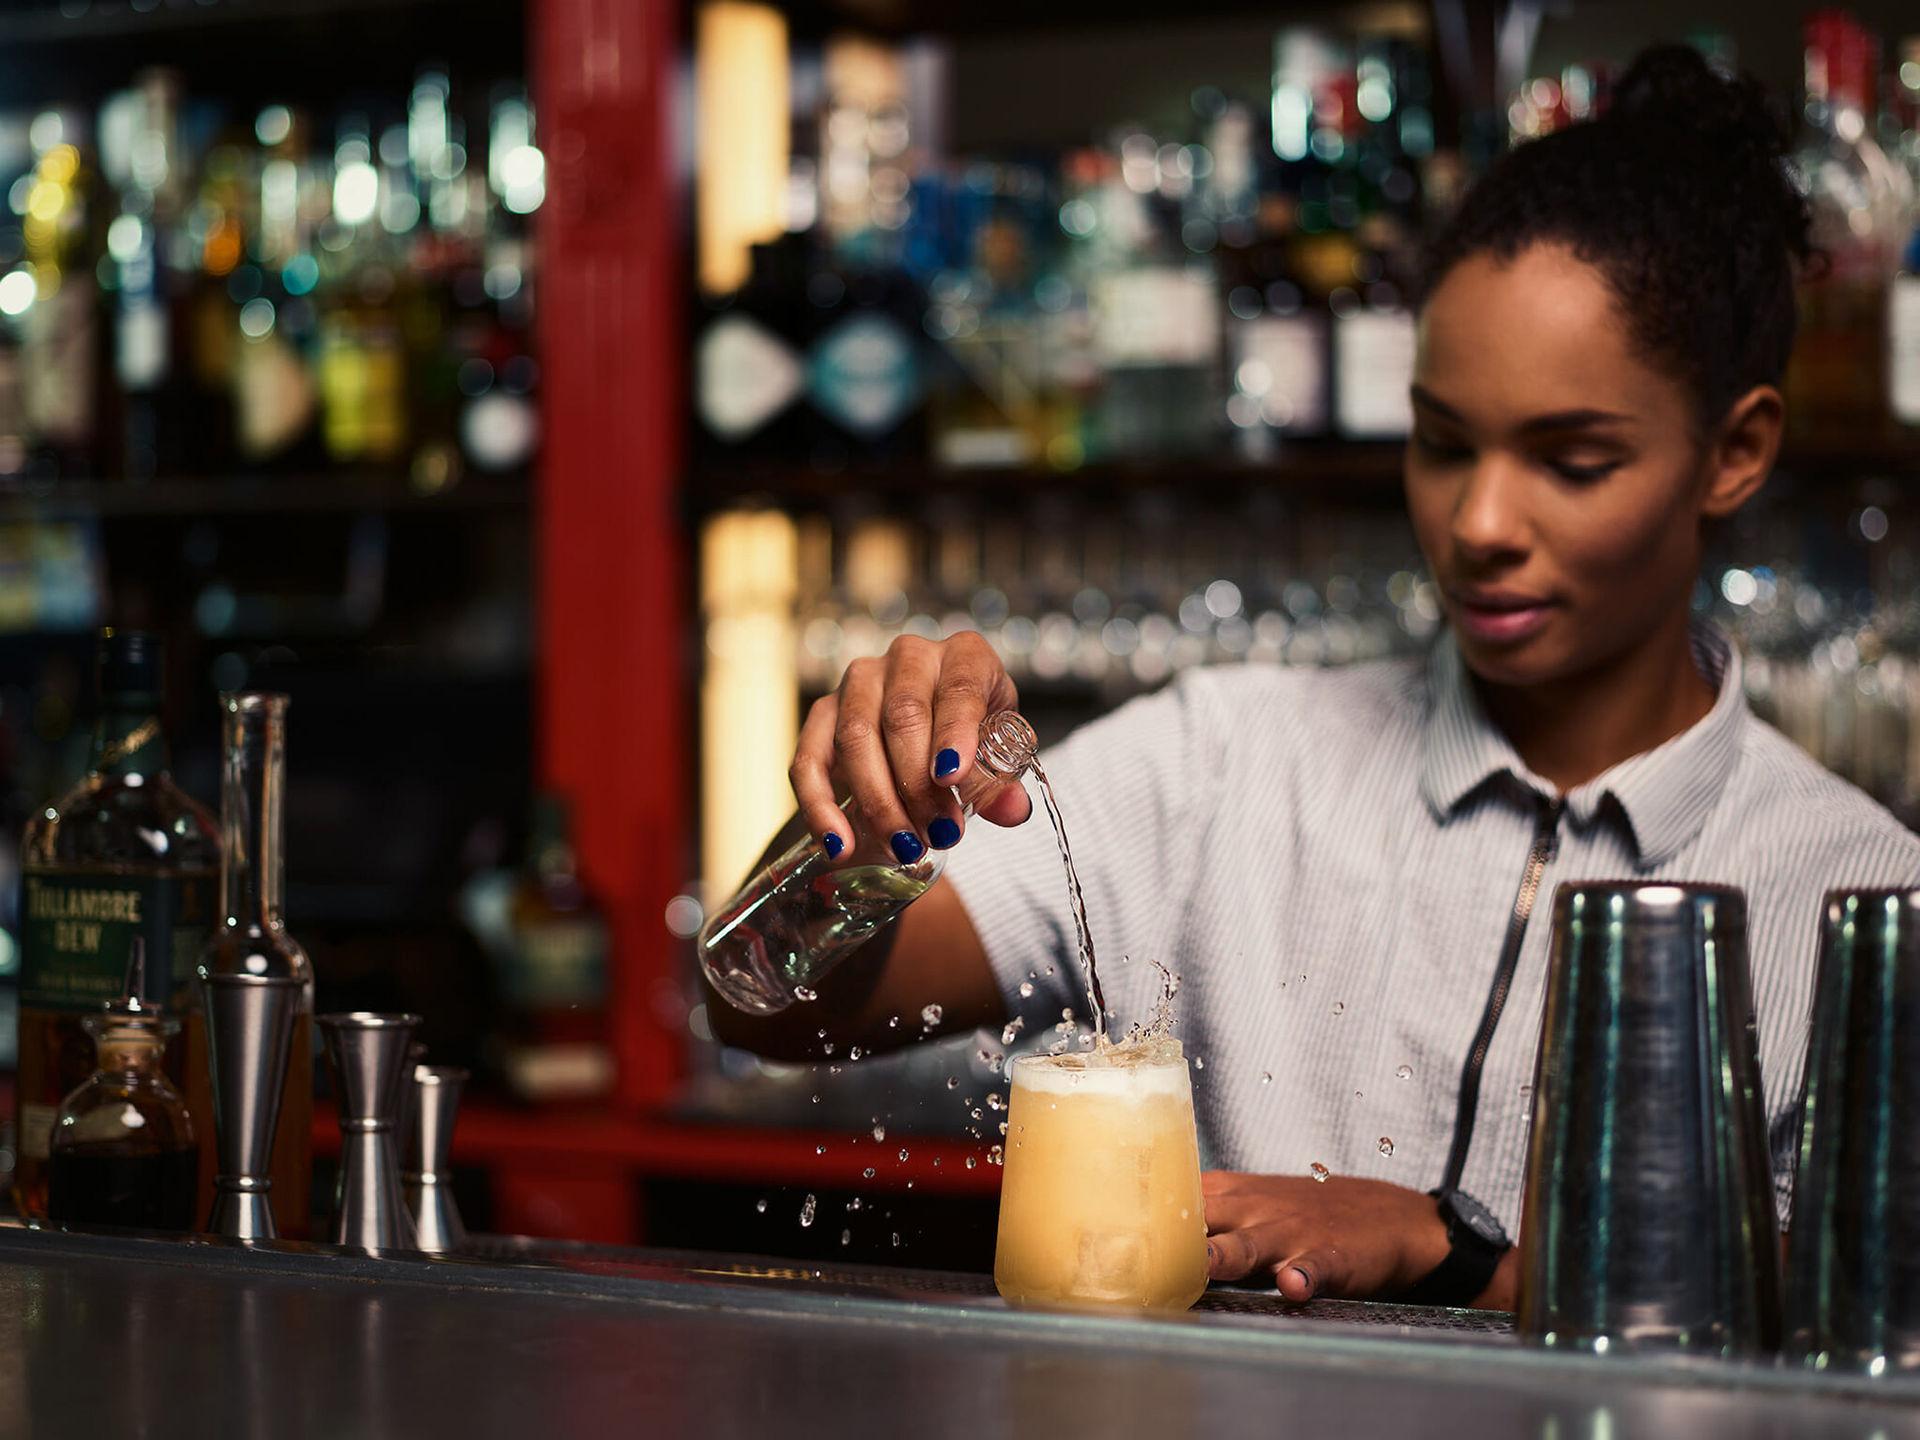 Tullamore har tagit fram en Hen-drink